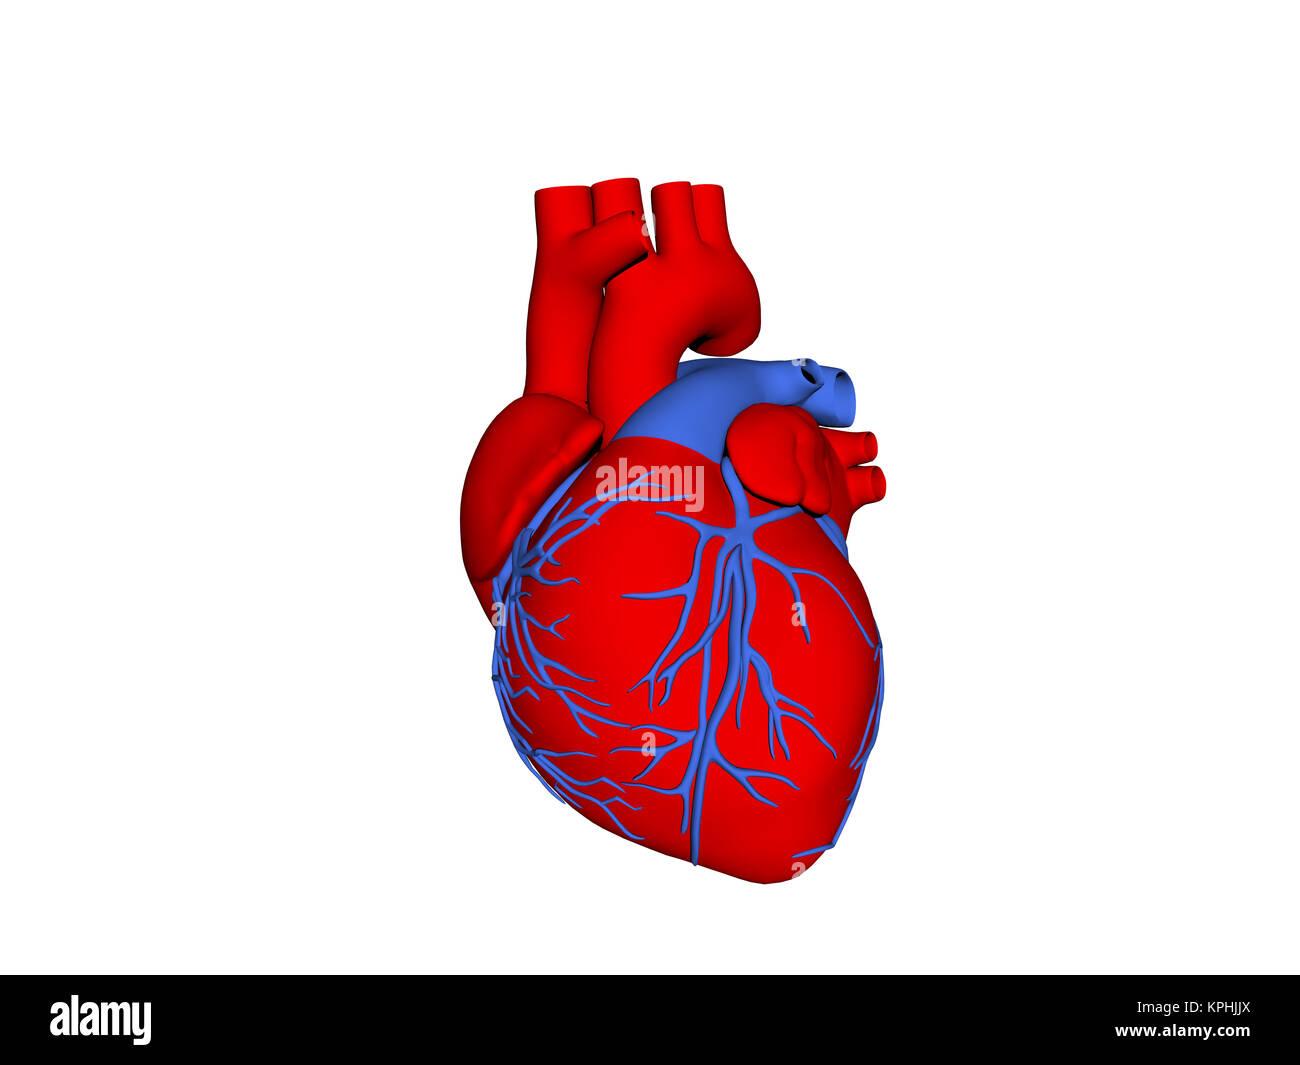 Ziemlich Bilder Menschliches Herz Zeitgenössisch - Menschliche ...